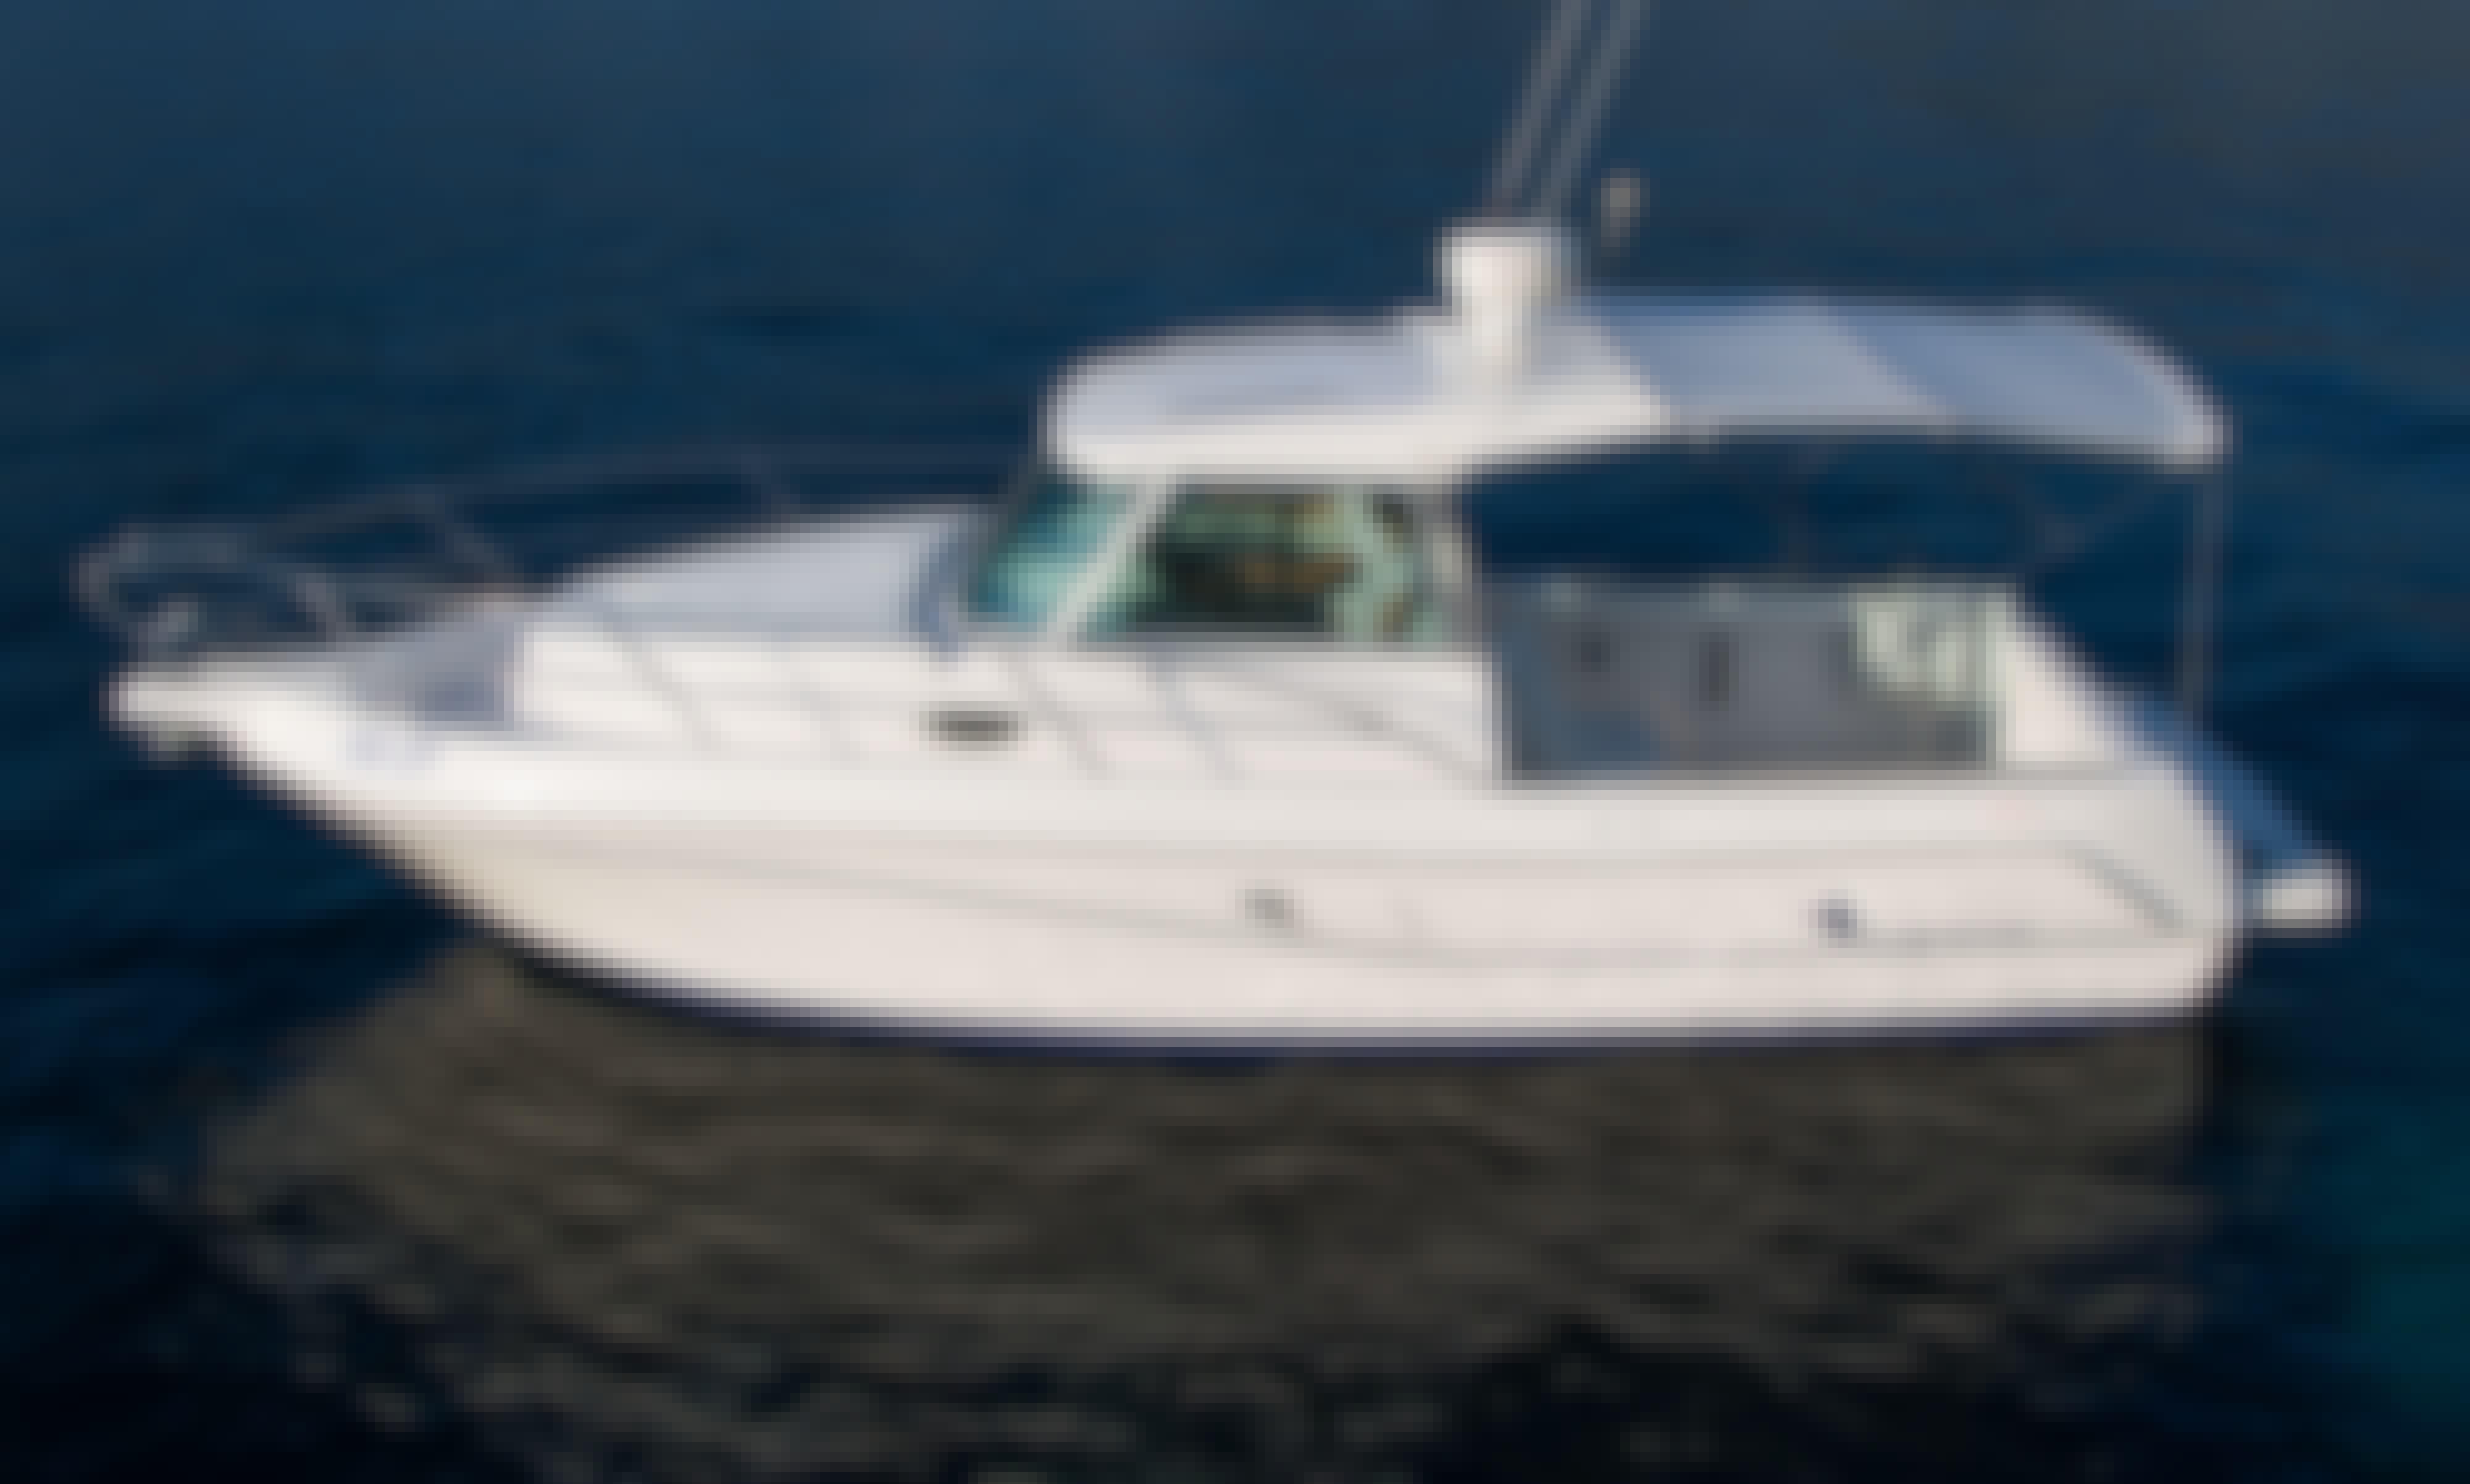 Faeton Moraga 780 Motor Yacht in Cavtat, Dubrovačko-neretvanska županija